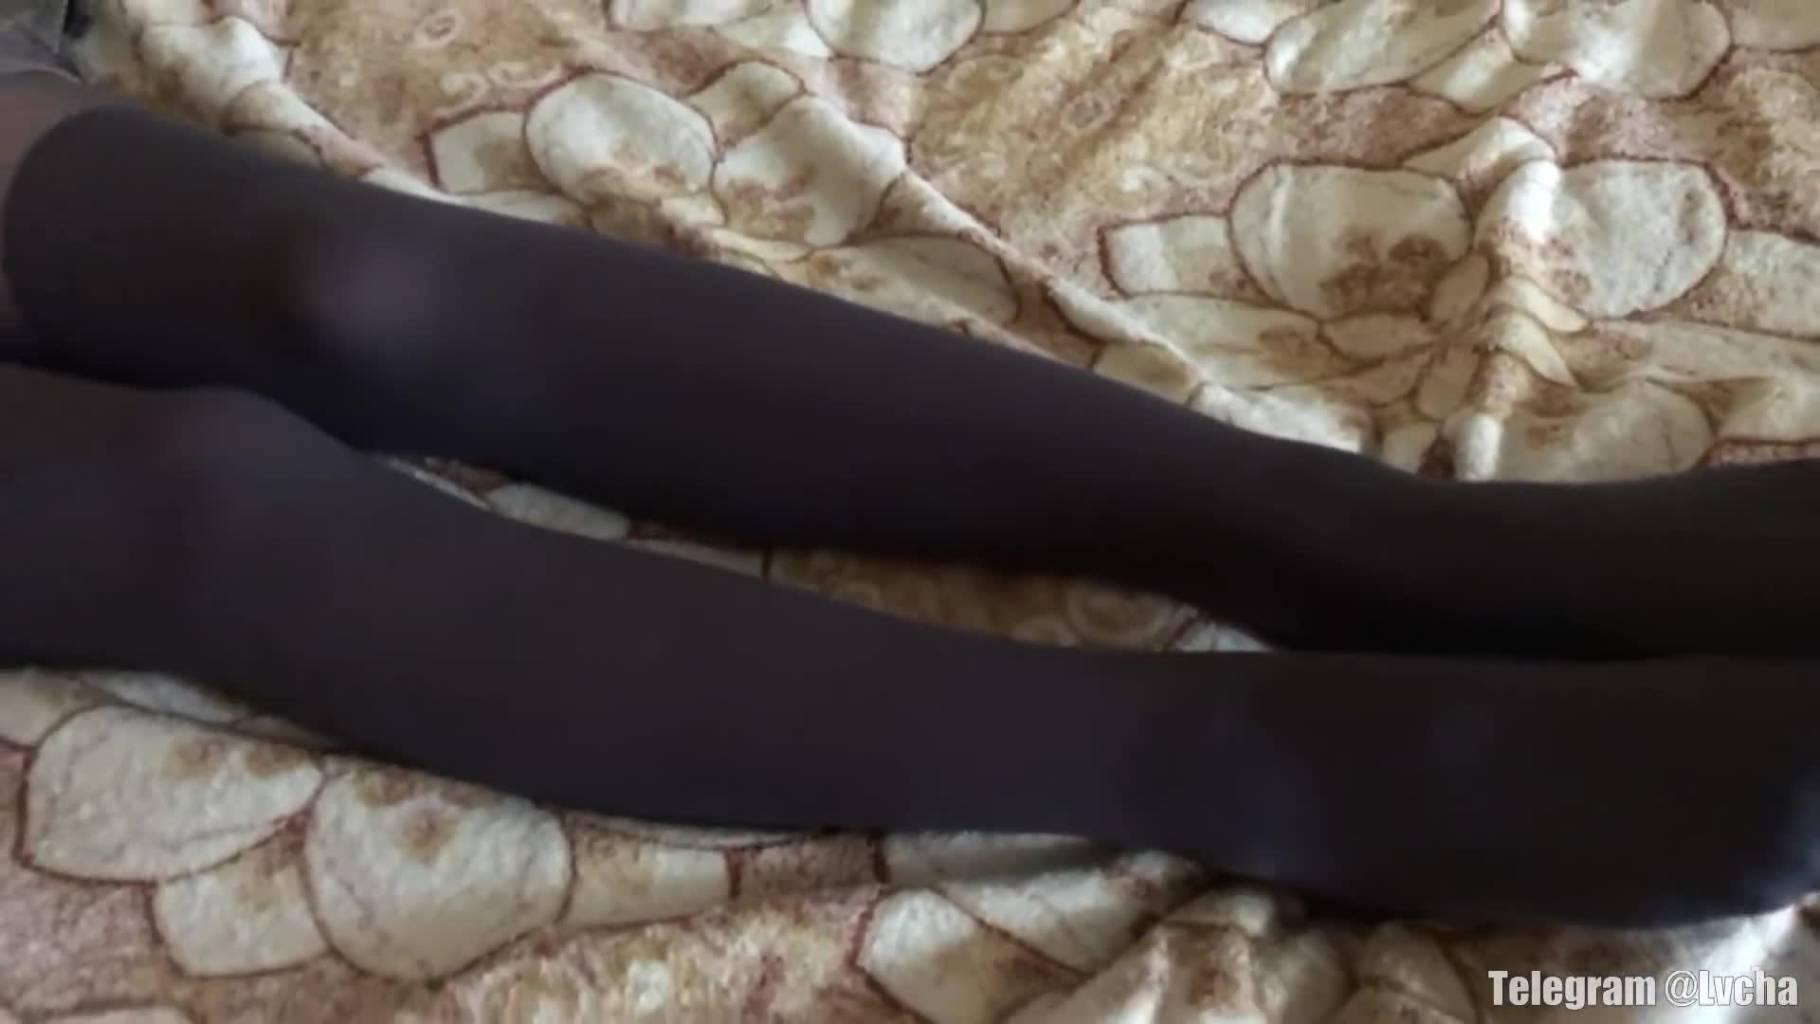 短裙加黑丝的结合很吸引人-宅男兔比